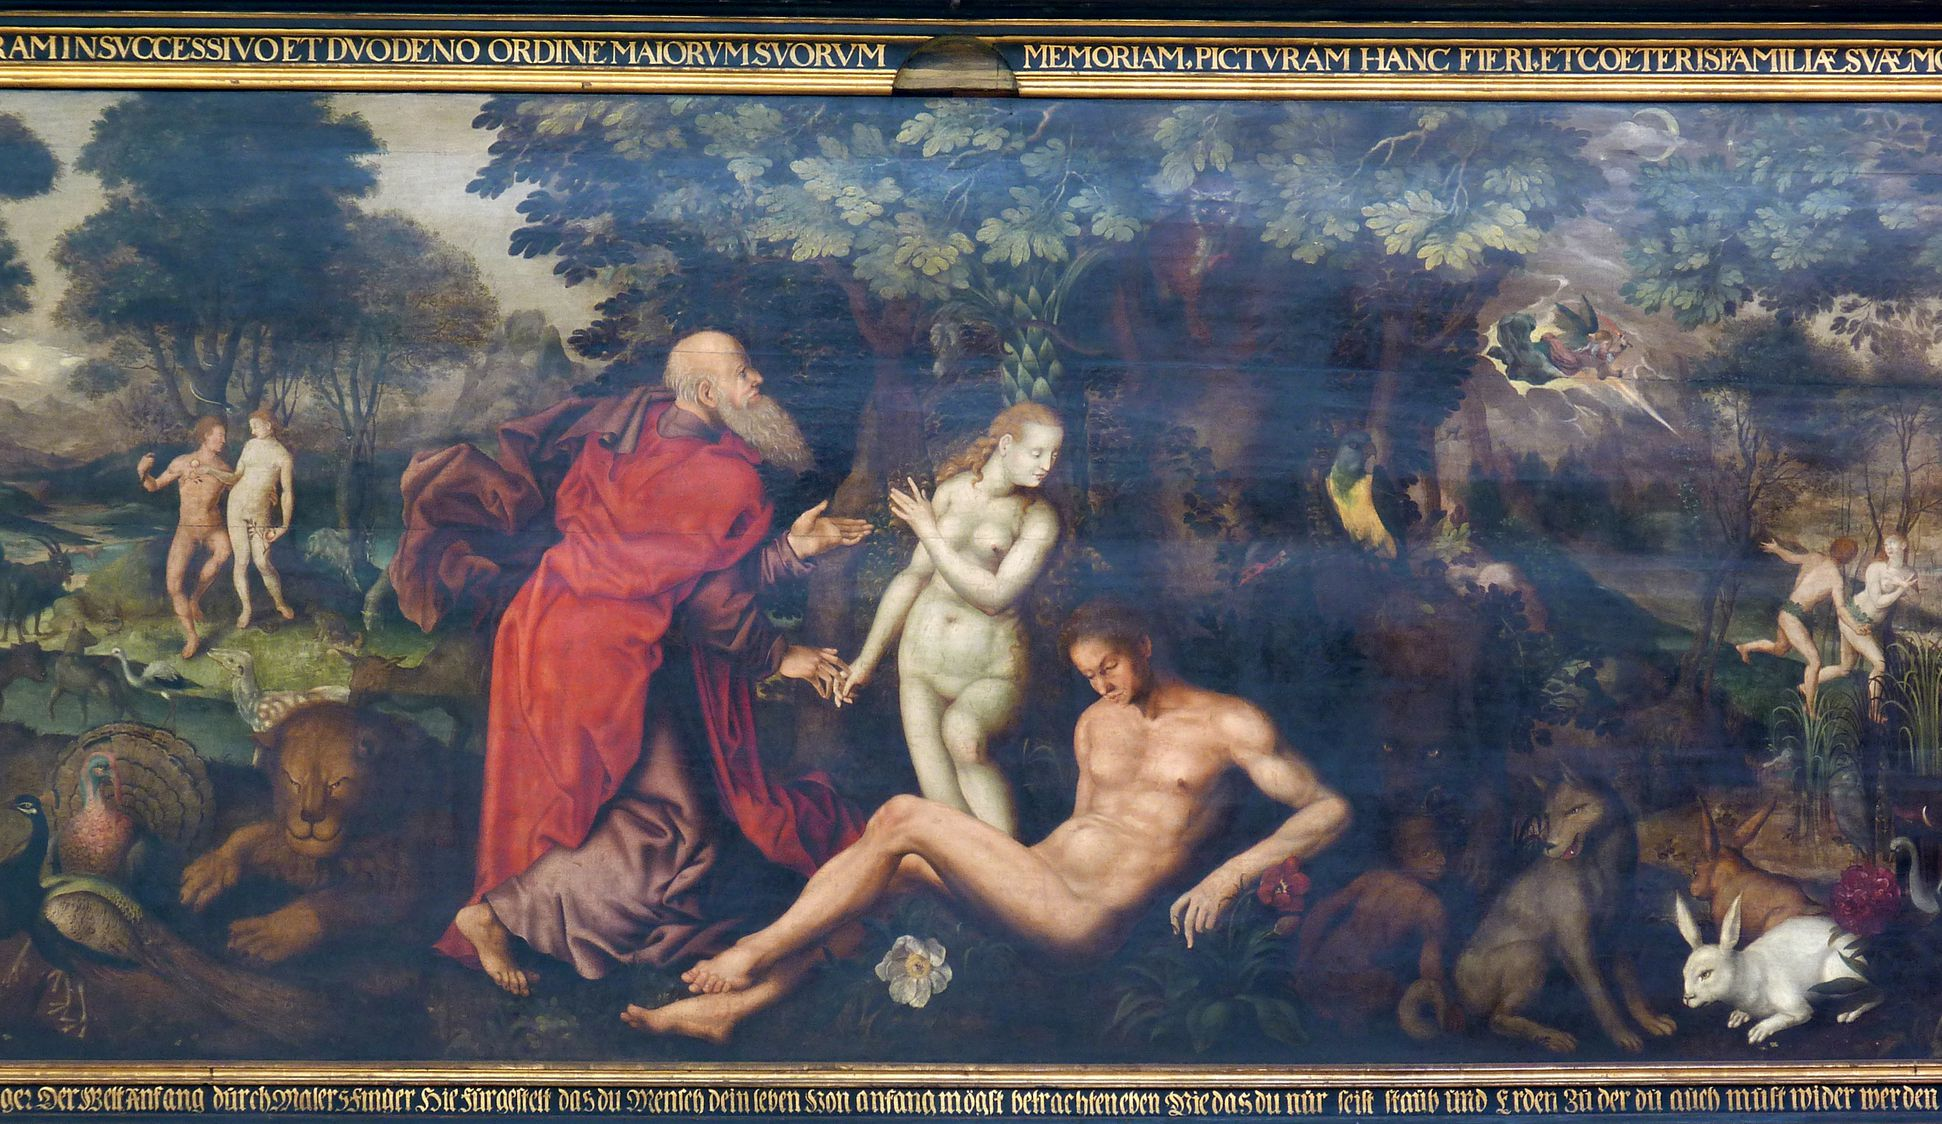 Gedächtnisbild der Familie Behaim Erschaffung der Eva